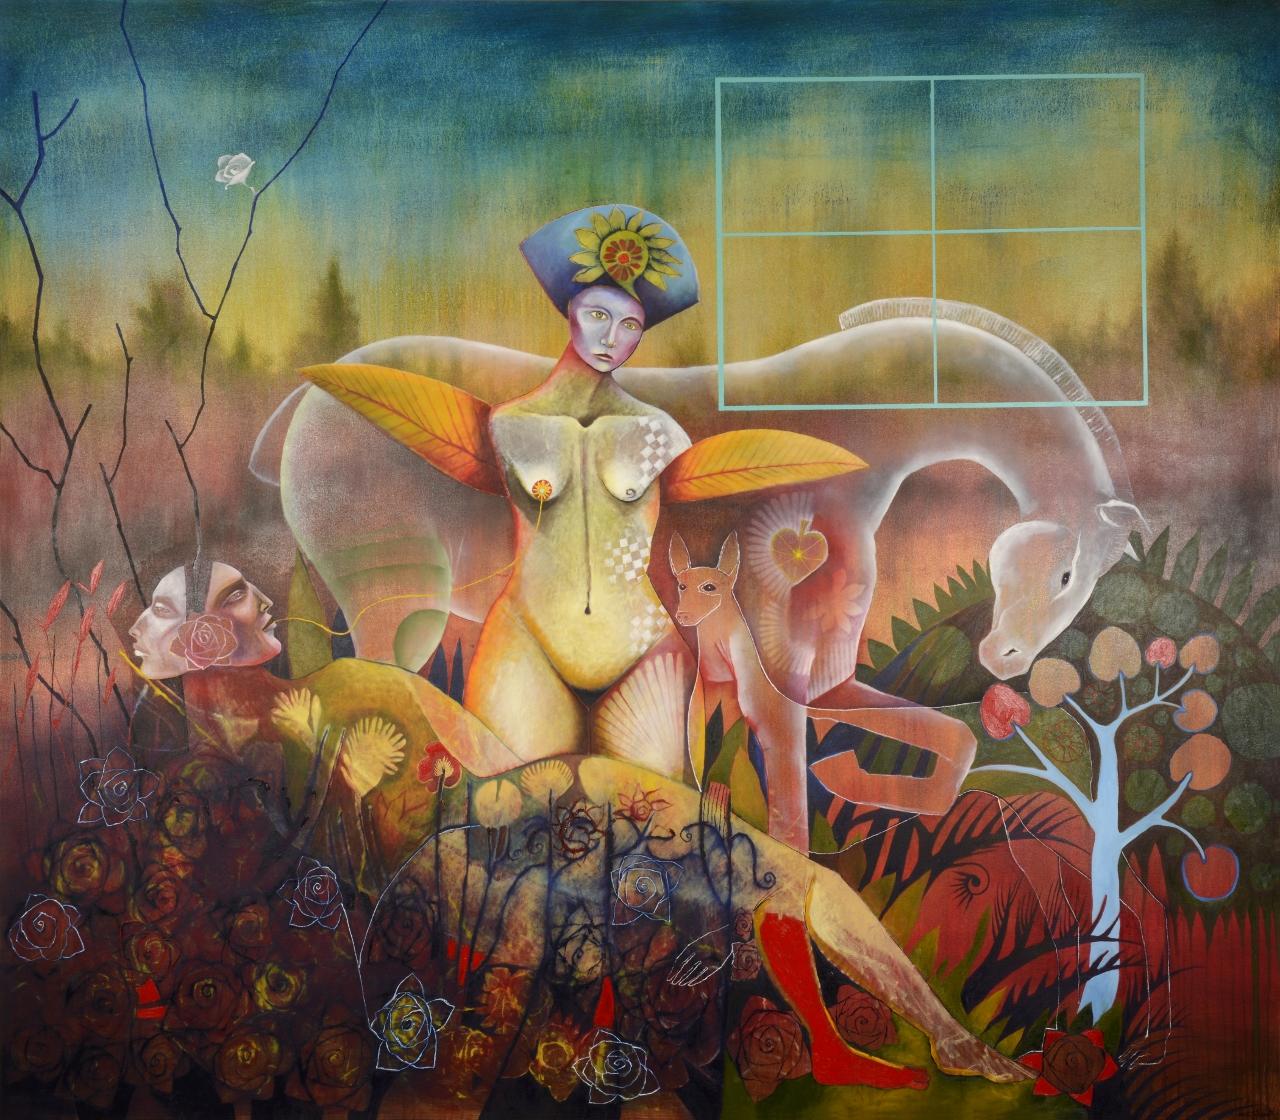 GARDEN DREAMSCAPE by Mr. RENE ALVARADO - Masterpiece Online